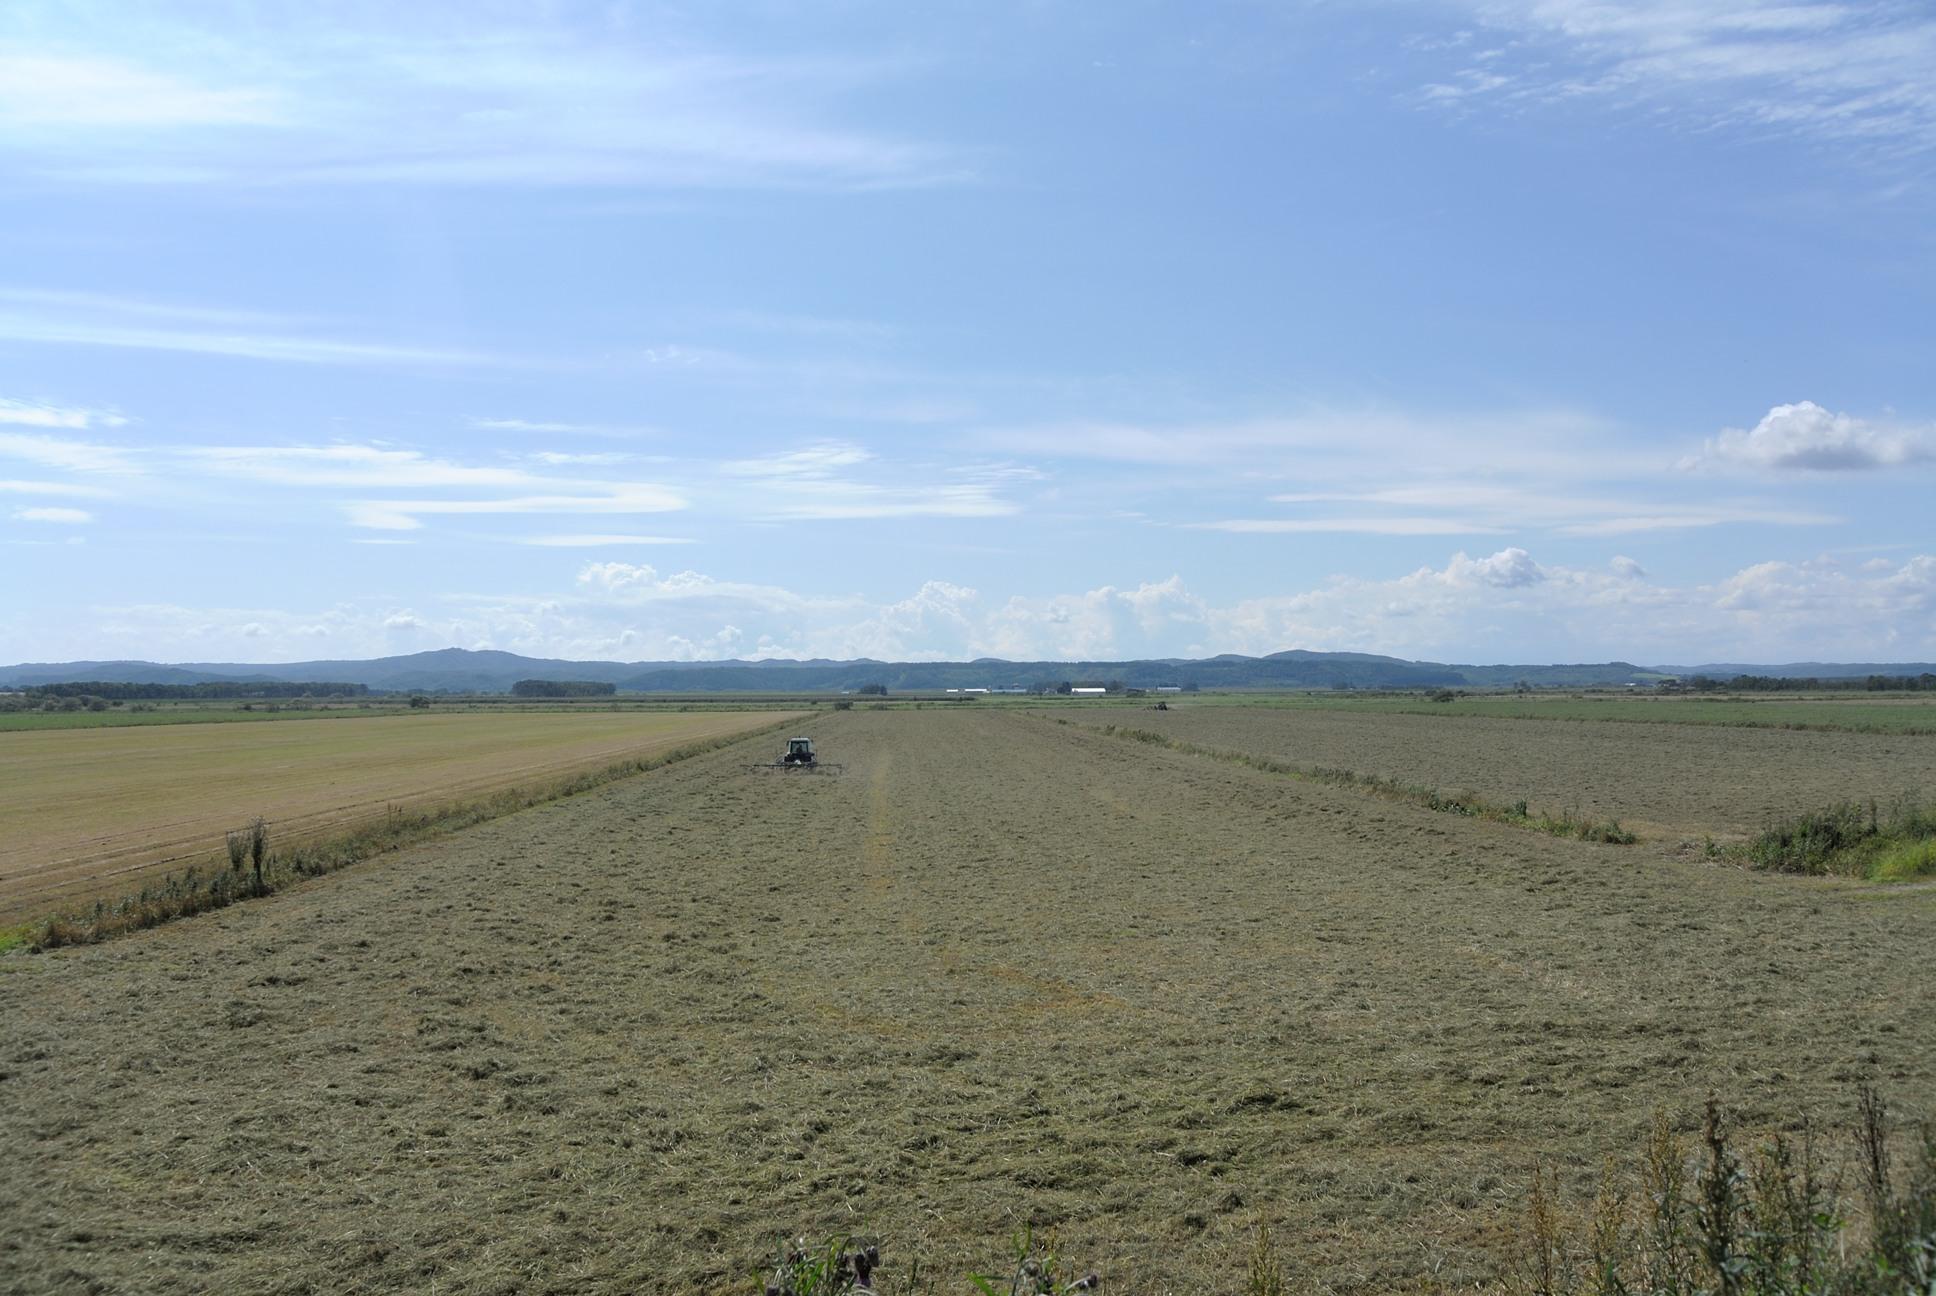 やっぱり日本じゃねえよこの農業風景